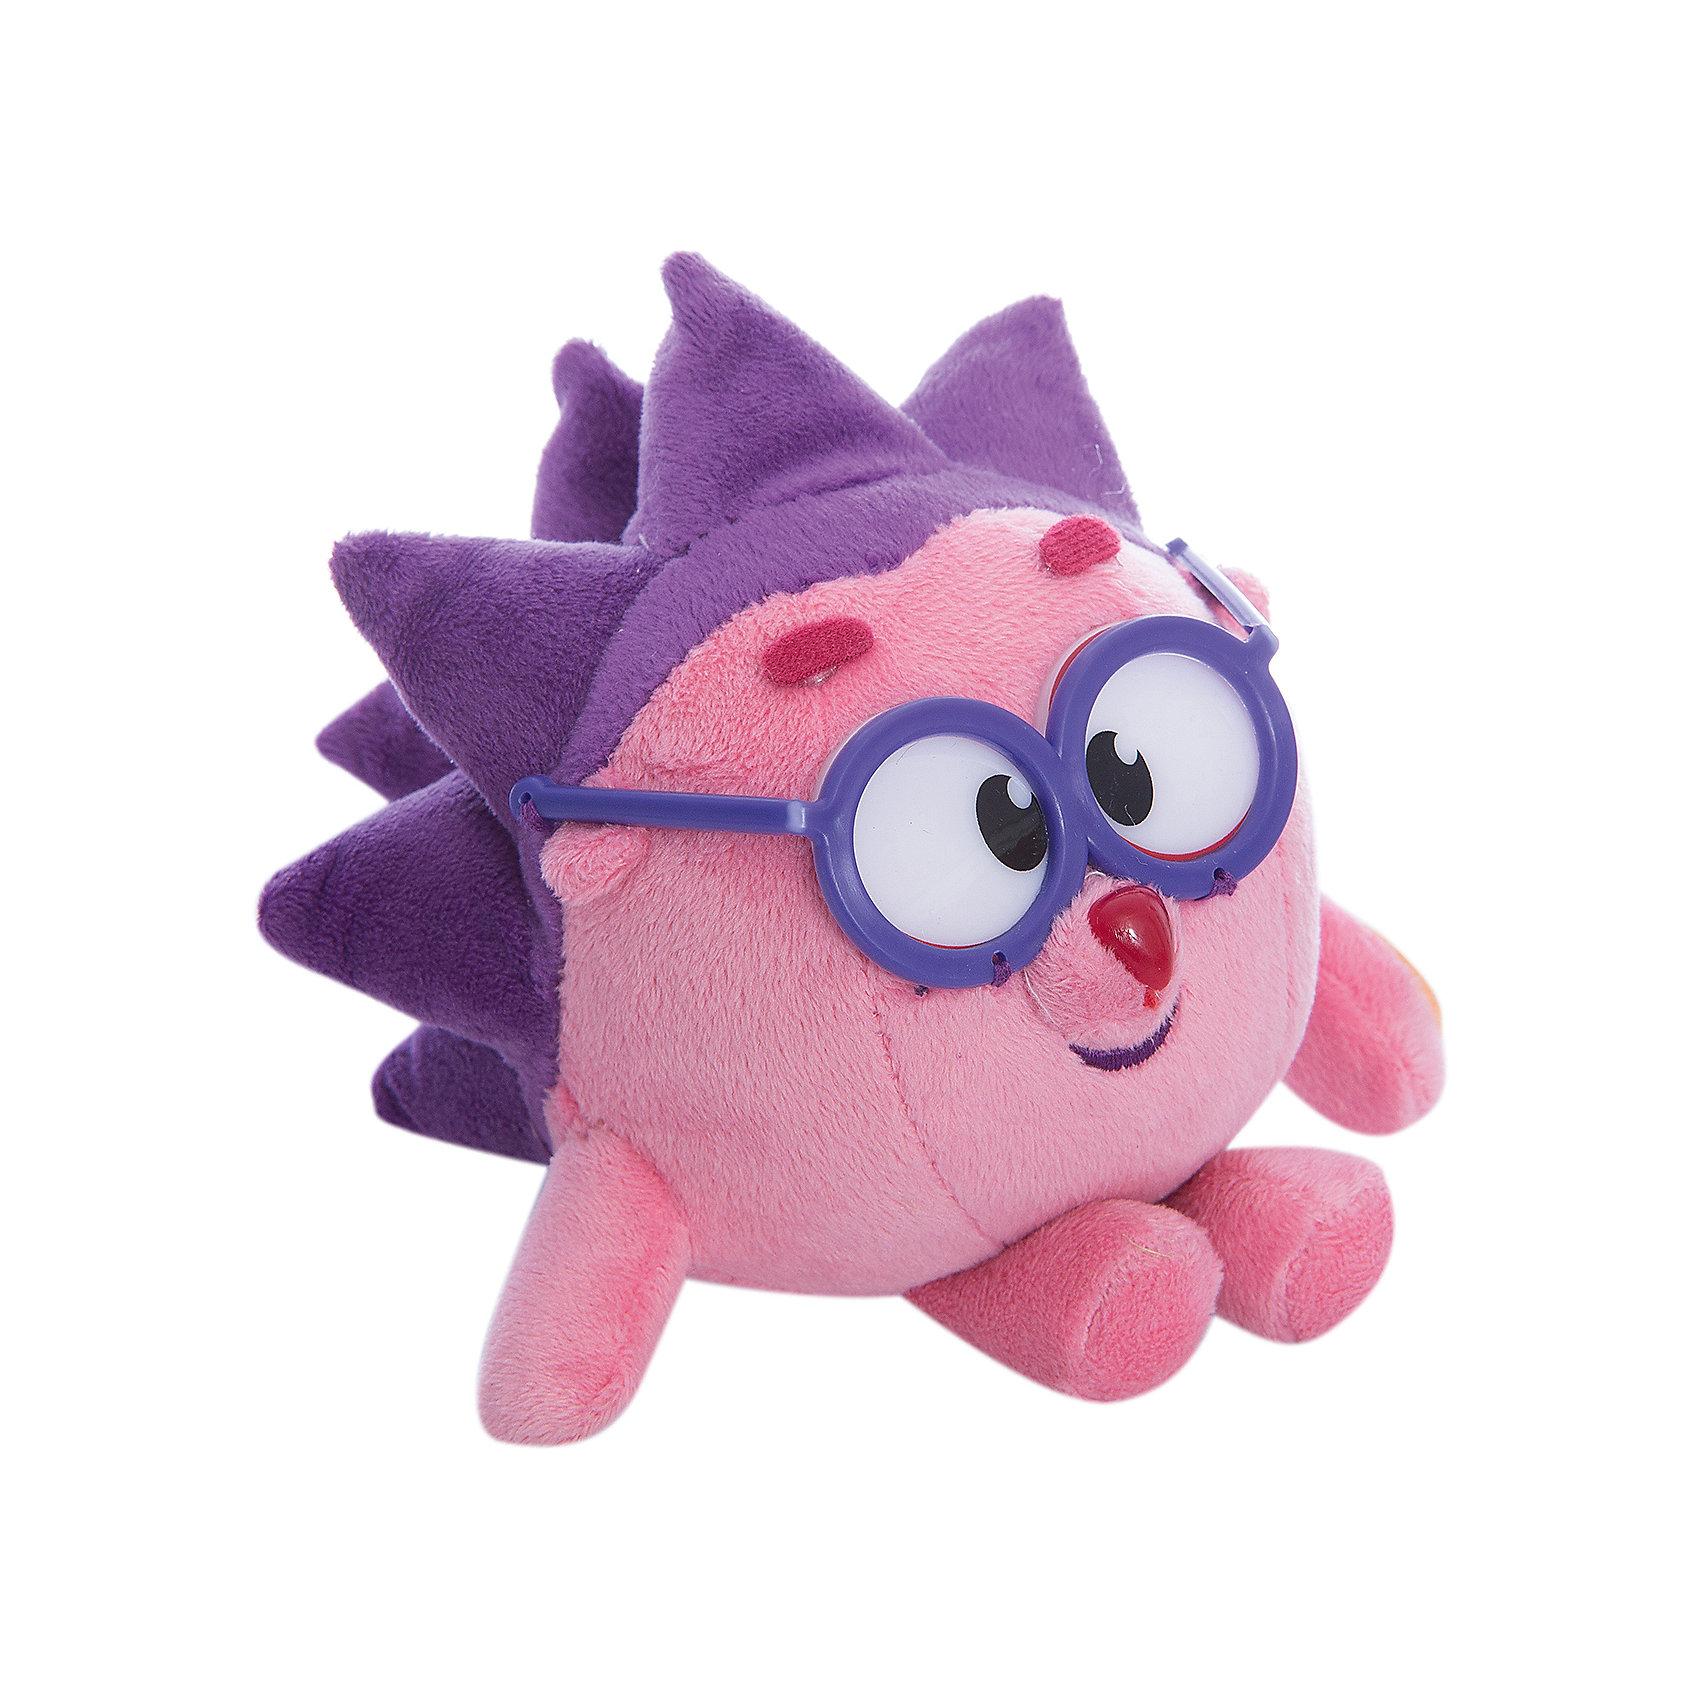 Мягкая игрушка  Ежик, со звуком, Смешарики, МУЛЬТИ-ПУЛЬТИМягкие игрушки из мультфильмов<br>Забавная игрушка Ёжик от Мульти-Пульти - персонаж мультсериала Смешарики о приключениях веселых круглых зверюшек. Ёжик очень серьезный и рассудительный, он хорошо воспитан и любит порядок, если Ваш ребенок поклонник мультсериала Смешарики он наверняка обрадуется такому подарку. Игрушка озвучена голосом героя мультфильма и произносит несколько фраз.<br><br>Дополнительная информация:<br><br>- Материал: текстиль, синтепон<br>- Требуются батарейки: 3 *типа LR44 (входят в комплект).<br>- Размер: 10 х 12 х 12 см.<br>- Вес:  0.2 кг. <br><br>Мягкую игрушку Паук Шнюк от Мульти-Пульти можно купить в нашем магазине.<br><br>Ширина мм: 100<br>Глубина мм: 200<br>Высота мм: 250<br>Вес г: 73<br>Возраст от месяцев: 24<br>Возраст до месяцев: 1188<br>Пол: Унисекс<br>Возраст: Детский<br>SKU: 3384122